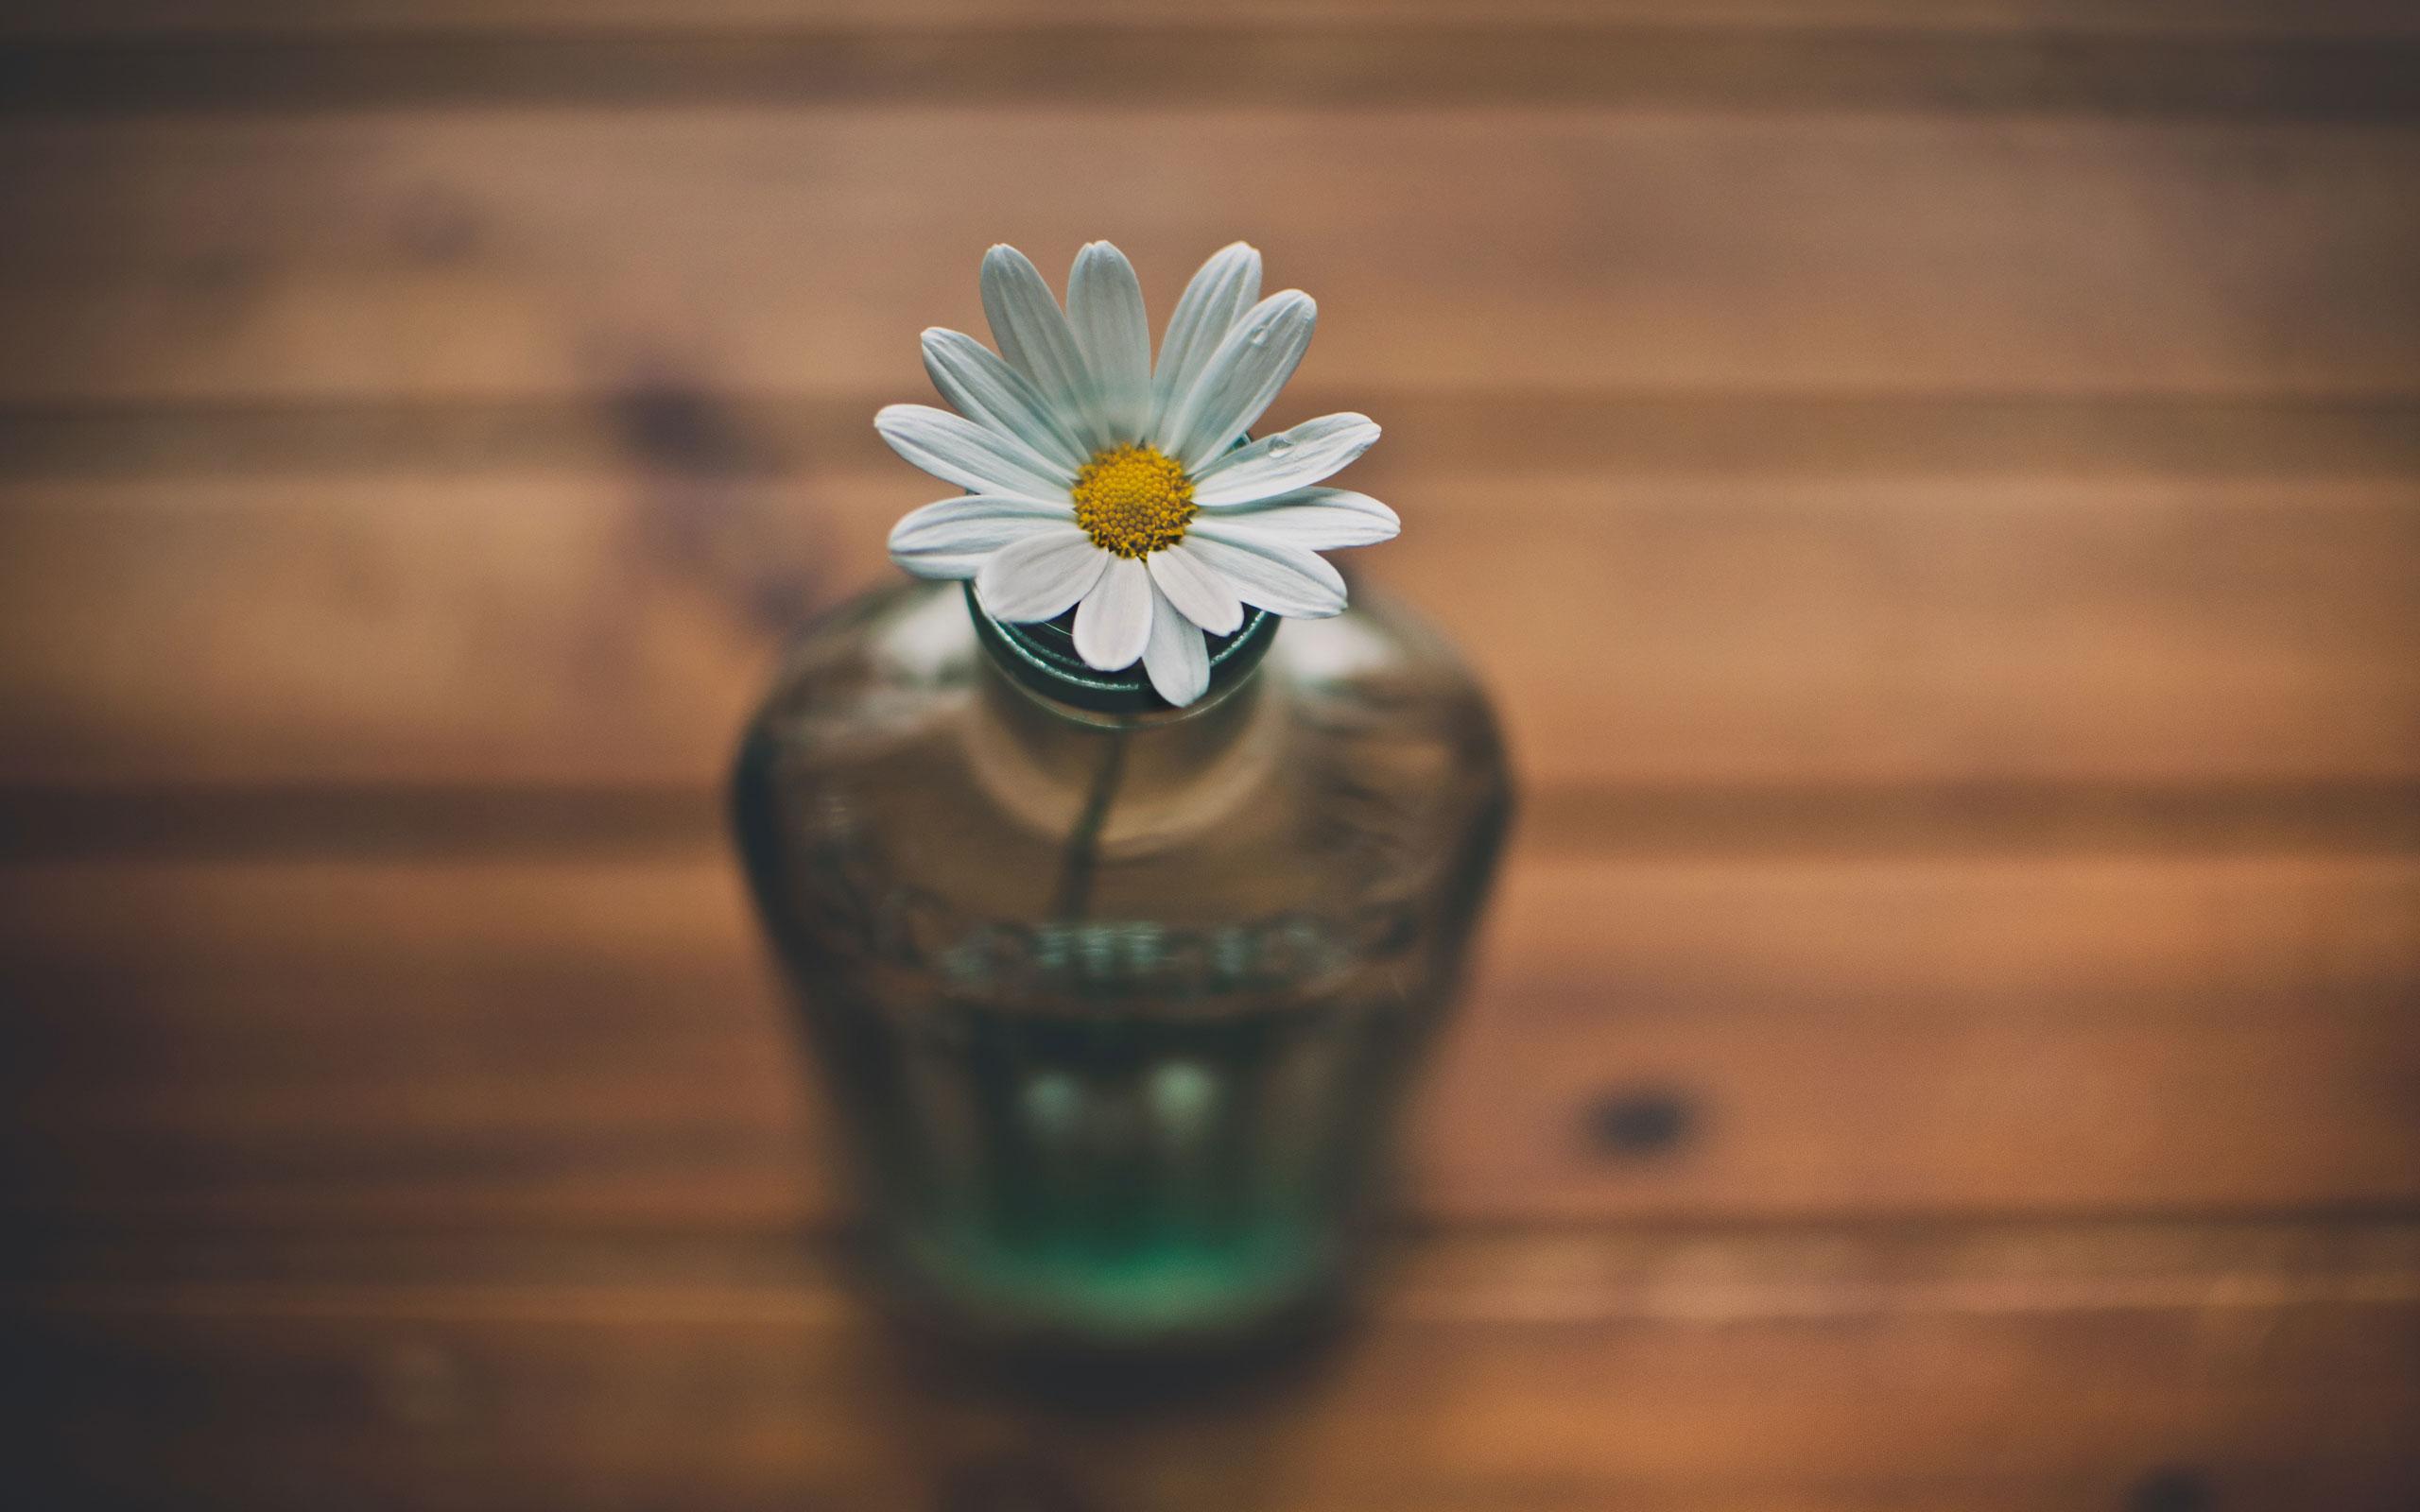 Daisy in Bottle